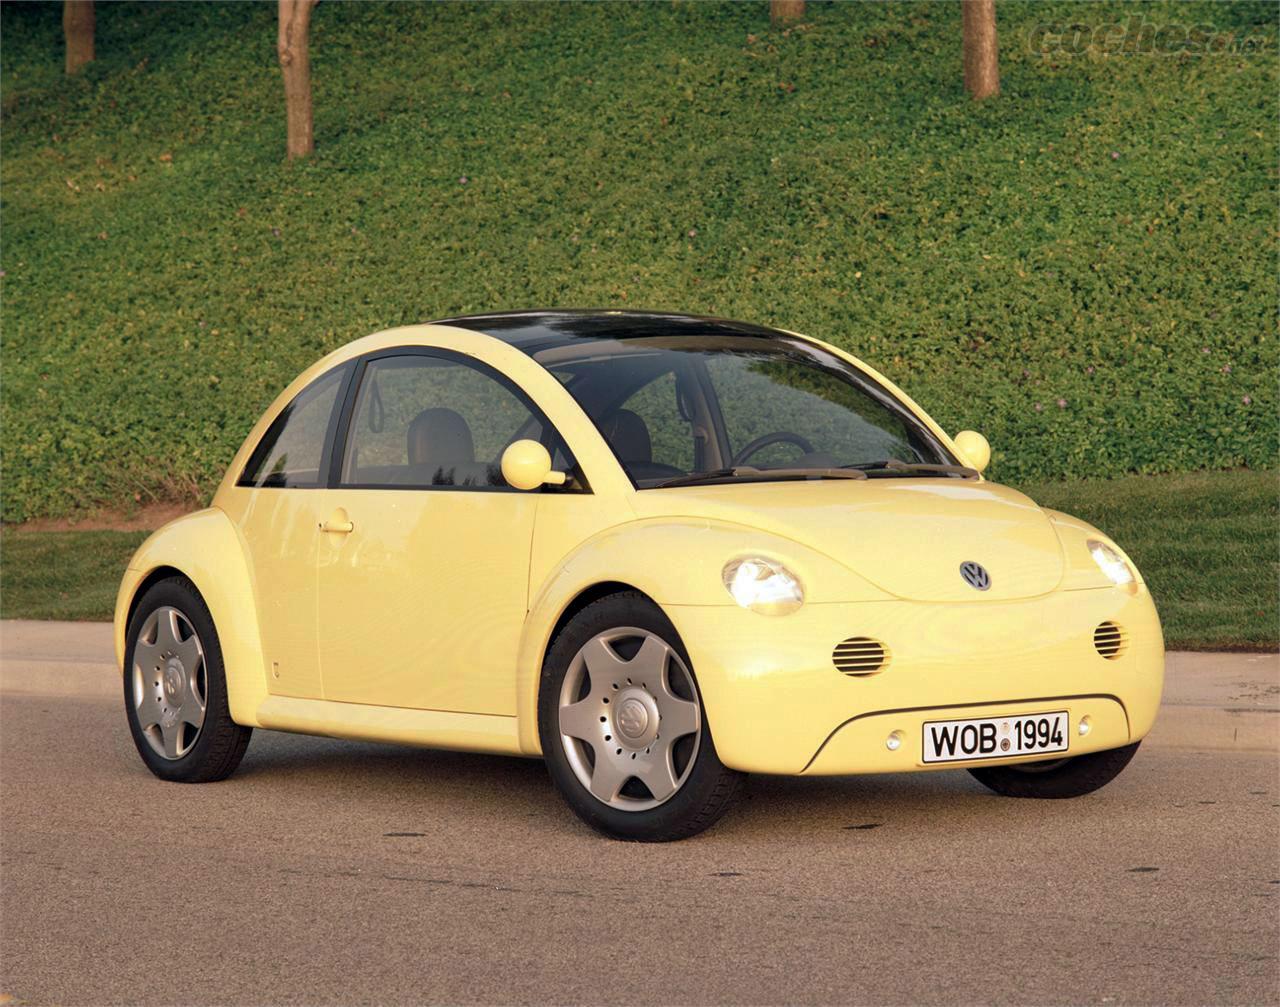 1994 Volkswagen Concept 1 front 3/4